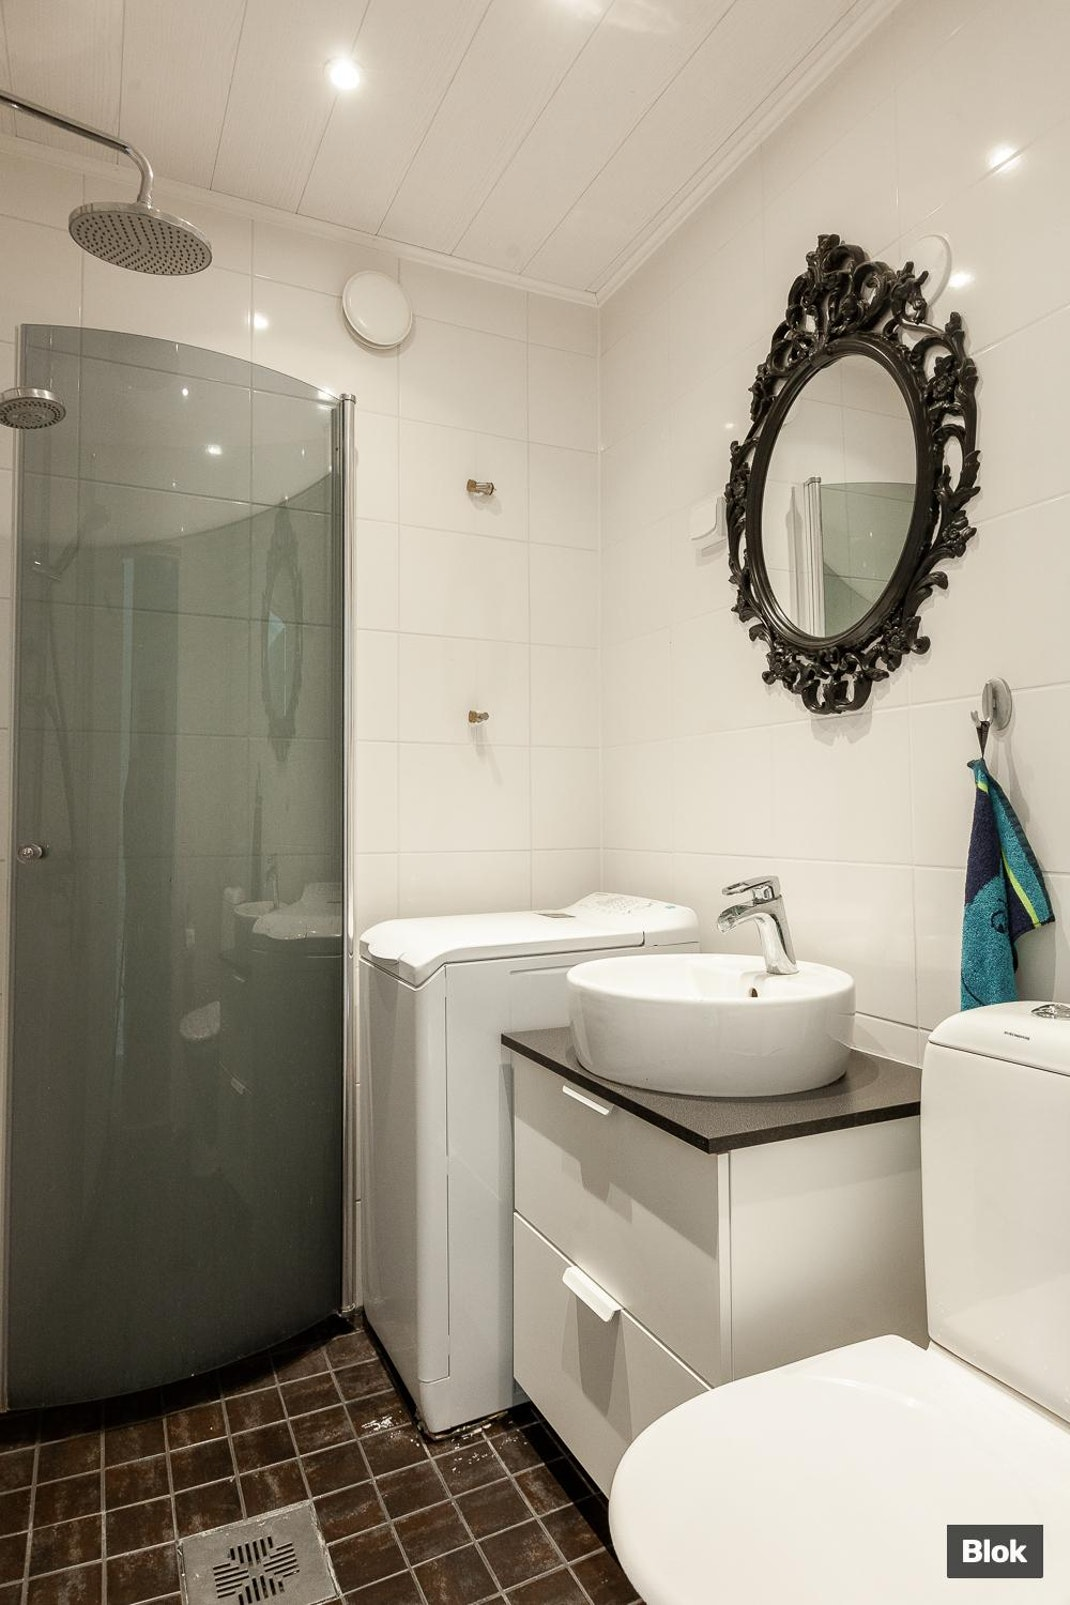 Muorinkuja 1 A 4 Kylpyhuone